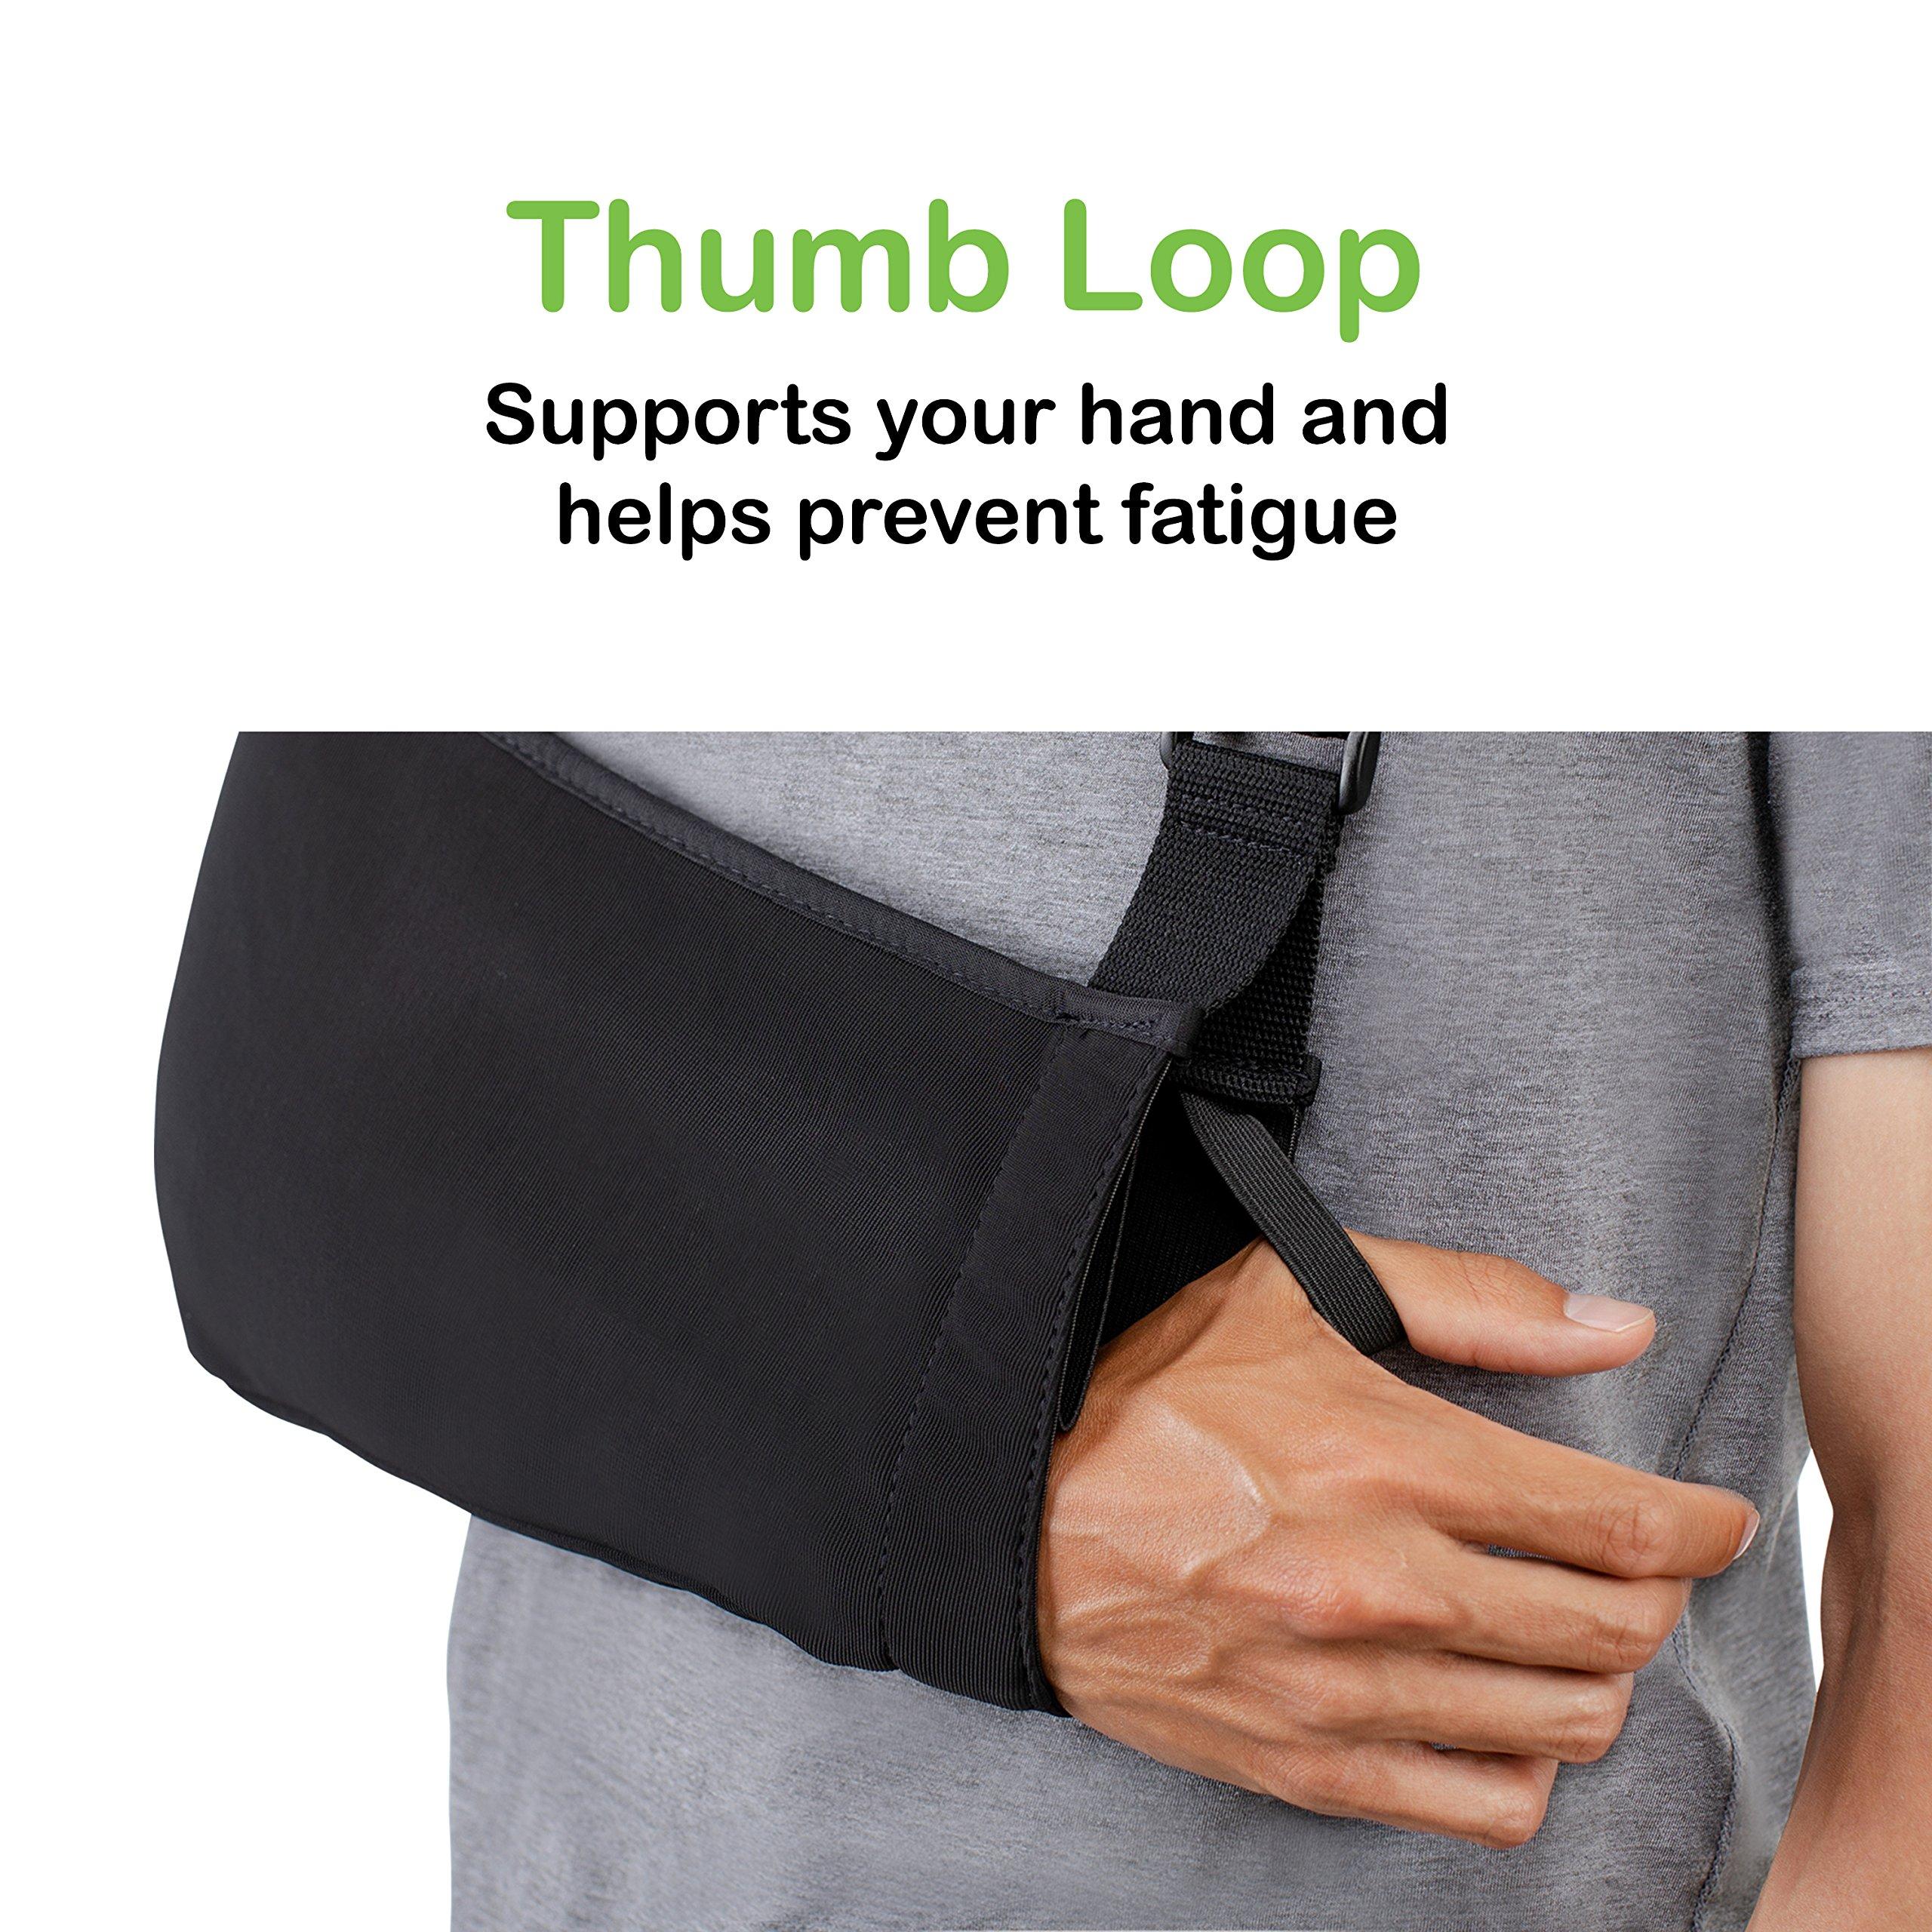 Think Ergo Arm Sling Sport - Lightweight, Breathable, Ergonomically Designed Medical Sling for Broken & Fractured Bones - Adjustable Arm, Shoulder & Rotator Cuff Support (Adult) by Think Ergo (Image #4)